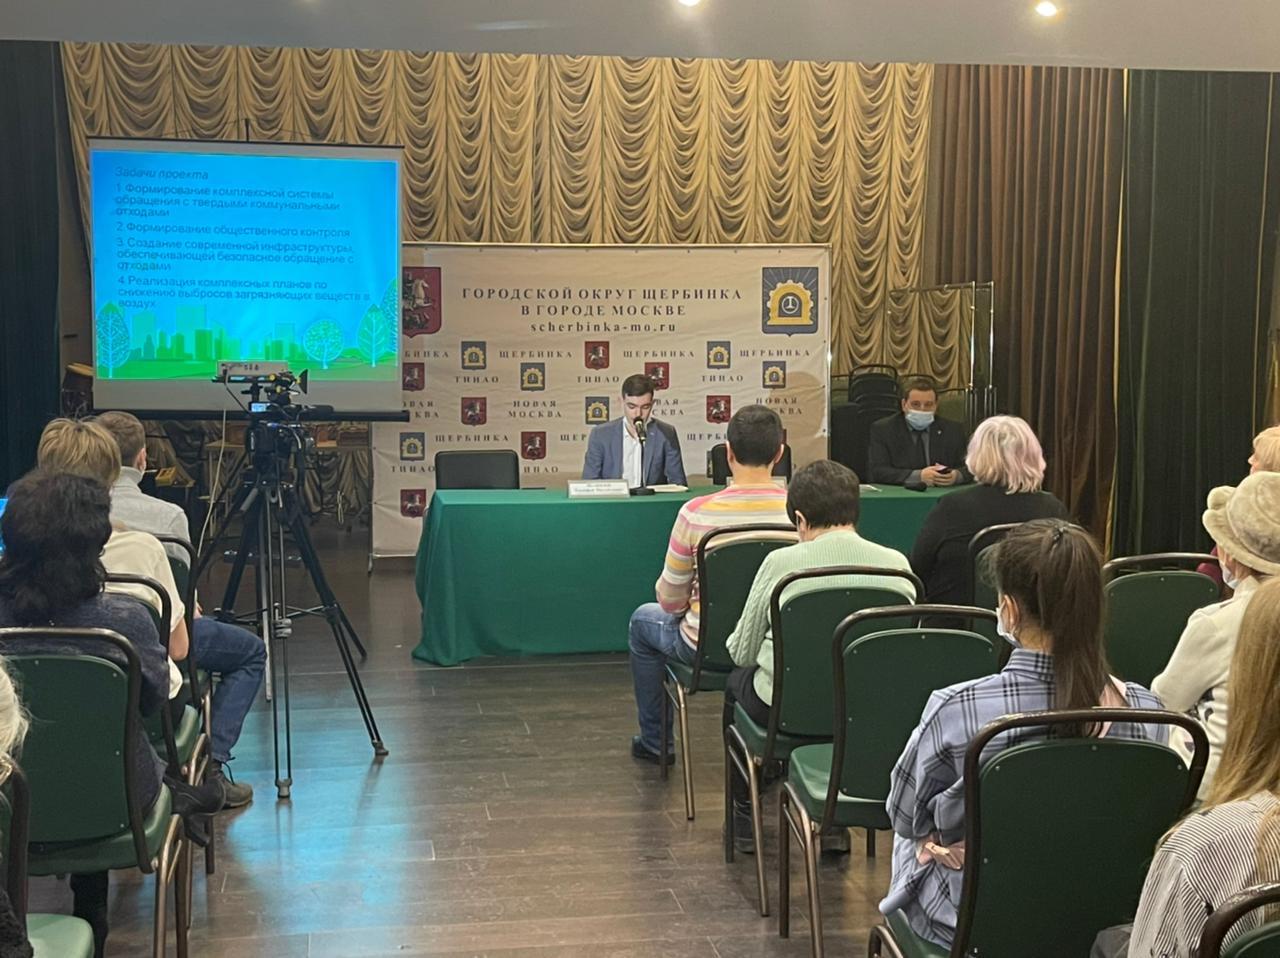 Активисты Молодежной палаты Щербинки провели лекцию в рамках проекта «Экопросвет»